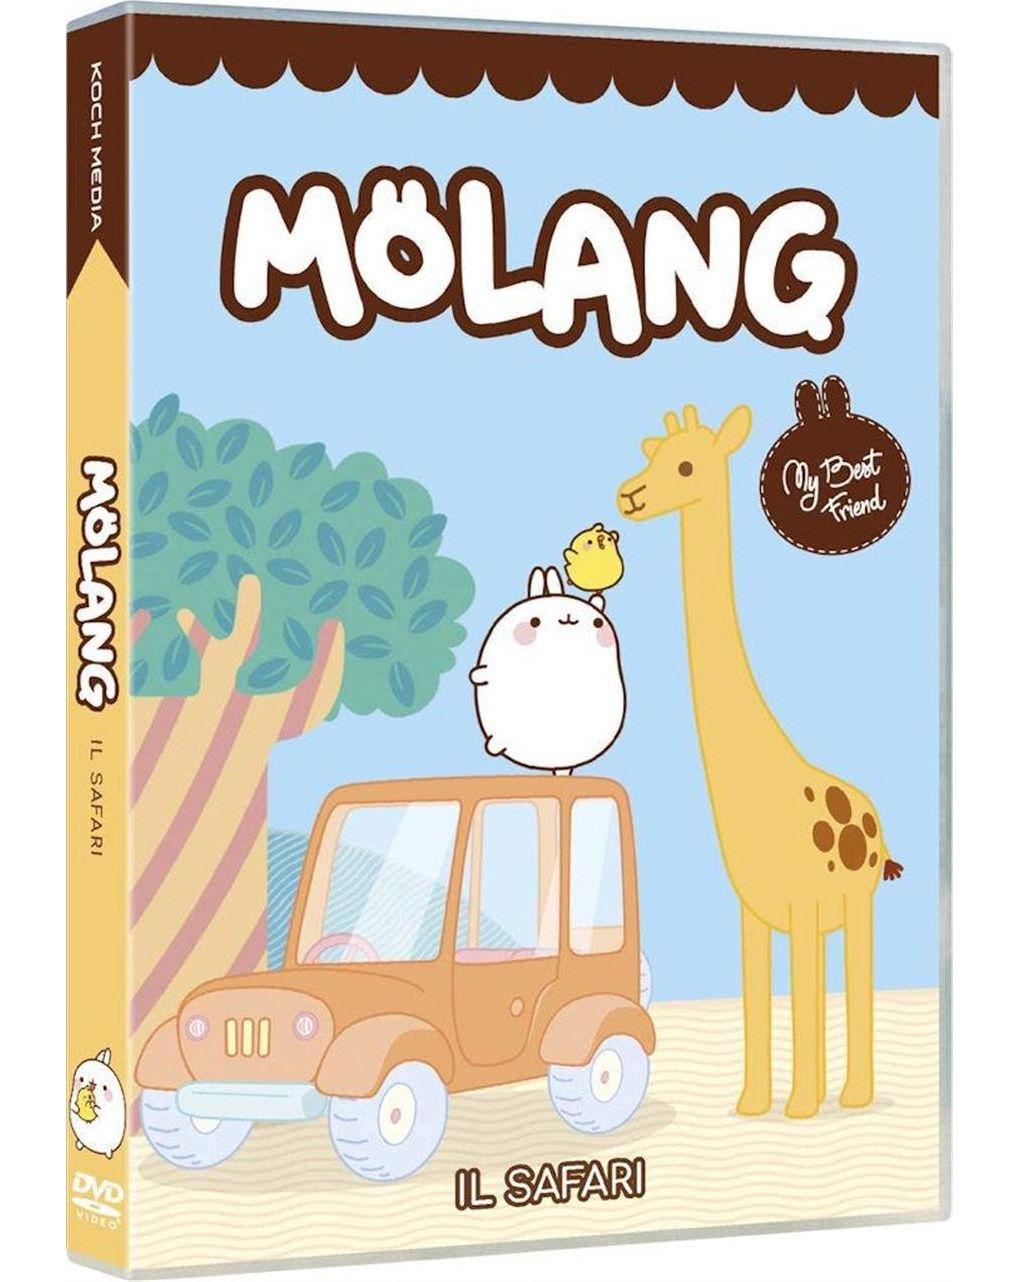 Dvd molang - il safari e altre storie - Video Delta